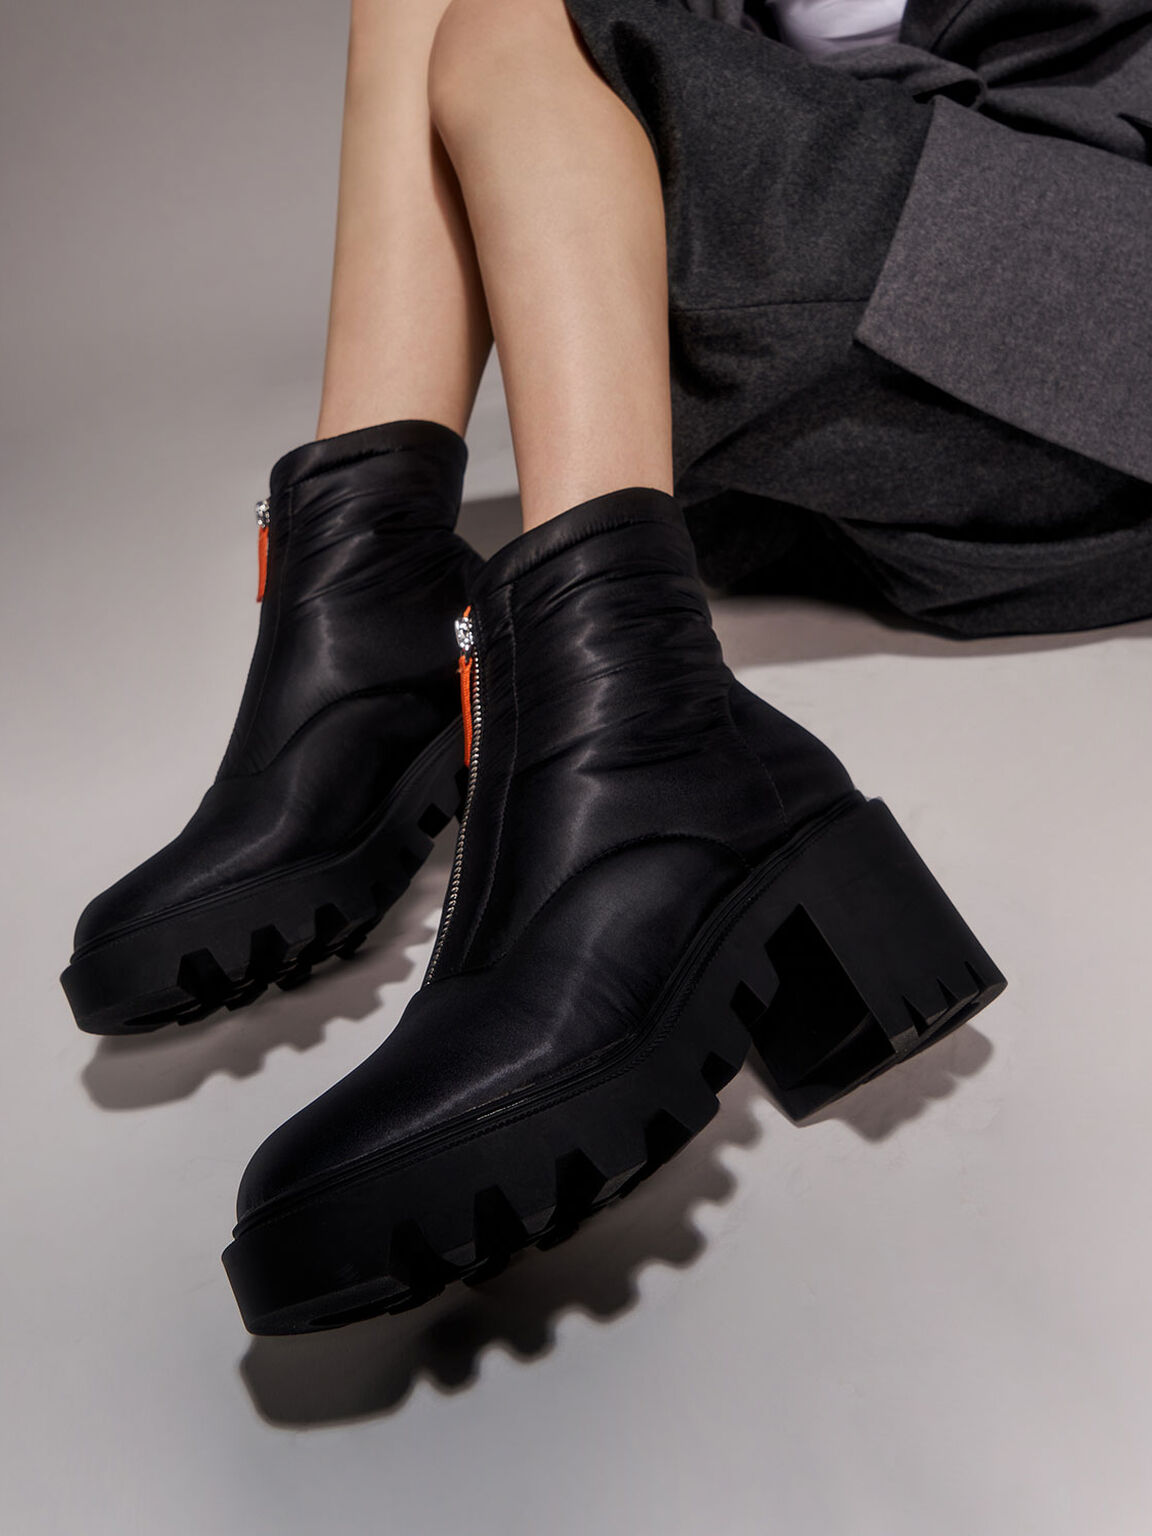 Sepatu Nylon Front Zip Ankle Boots, Black, hi-res